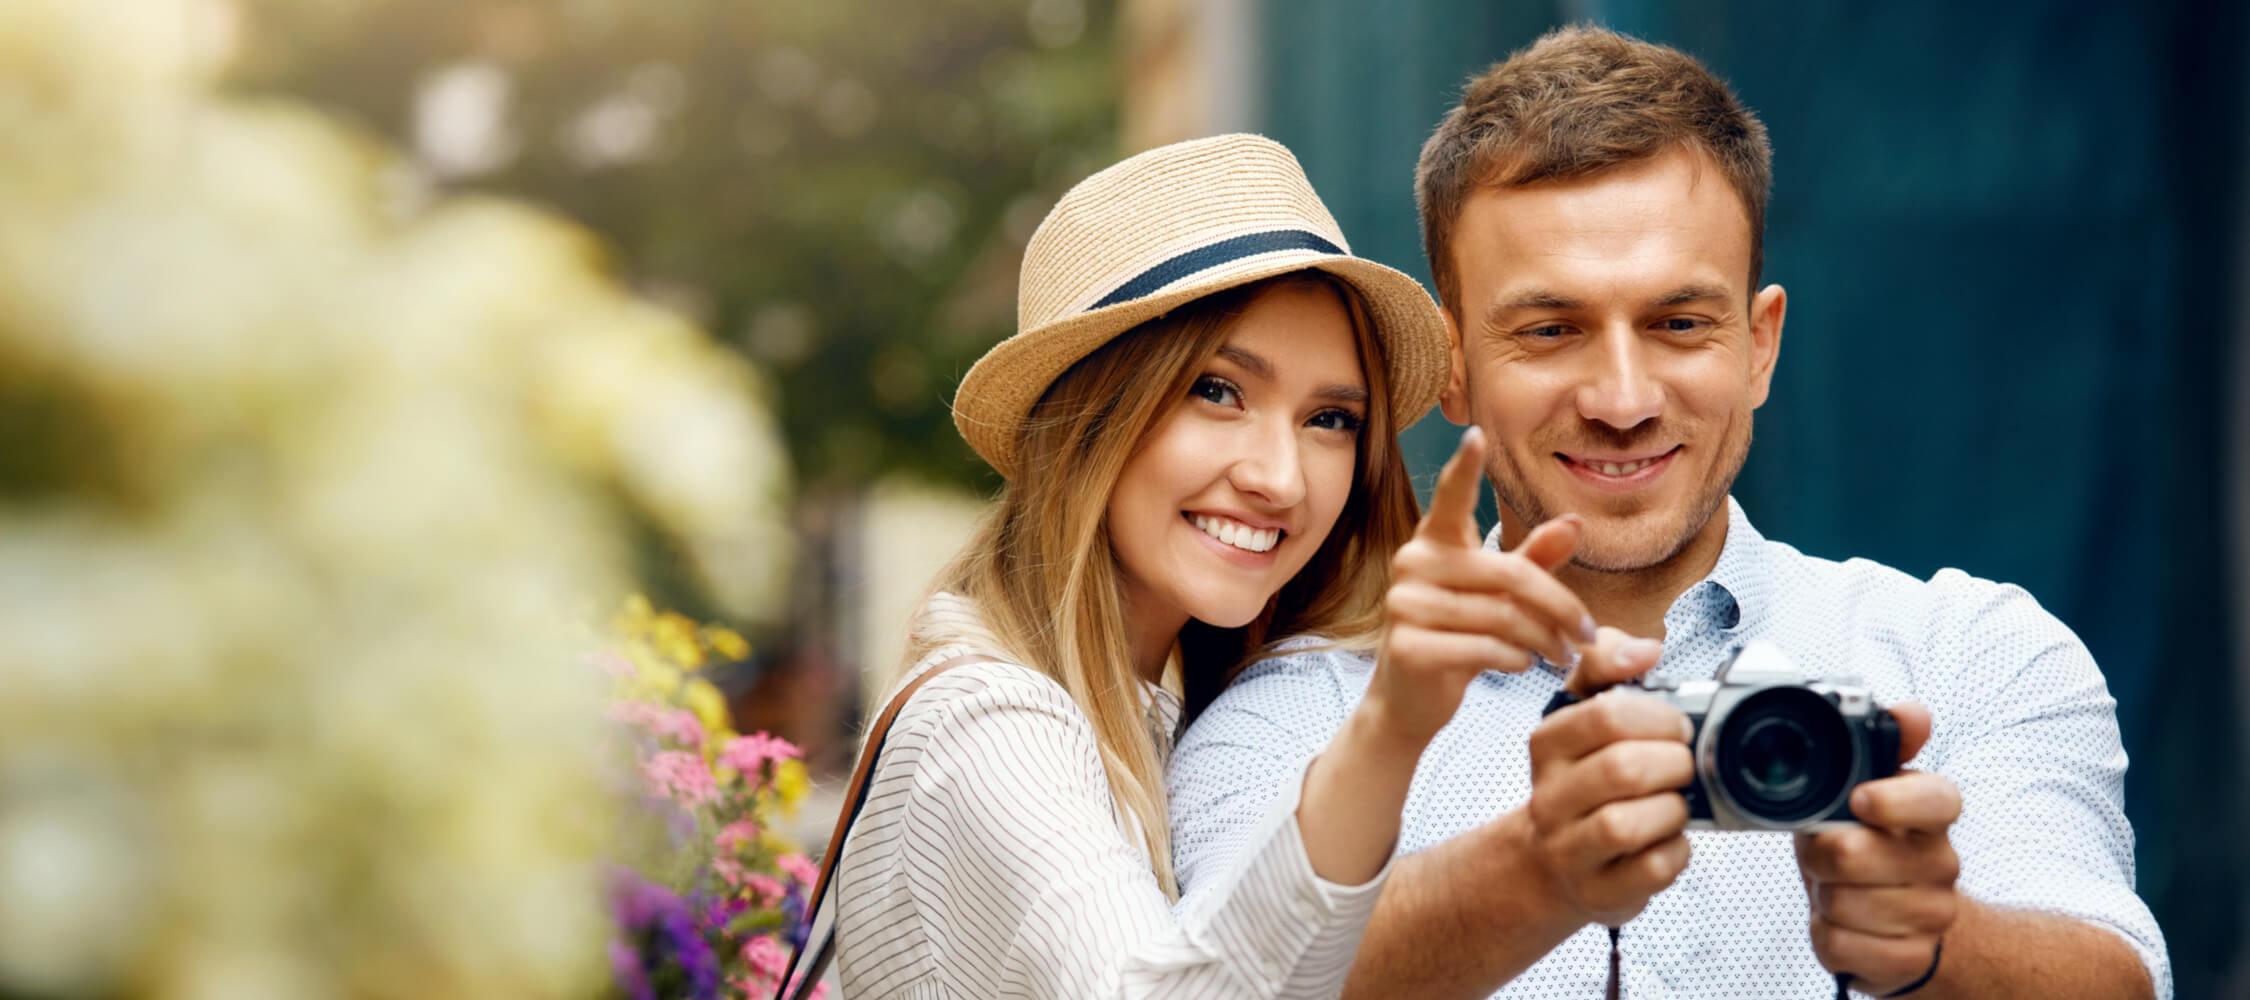 P&H Family Merano - I vostri Hotel a Merano Prezzi, Sconti e vantaggi